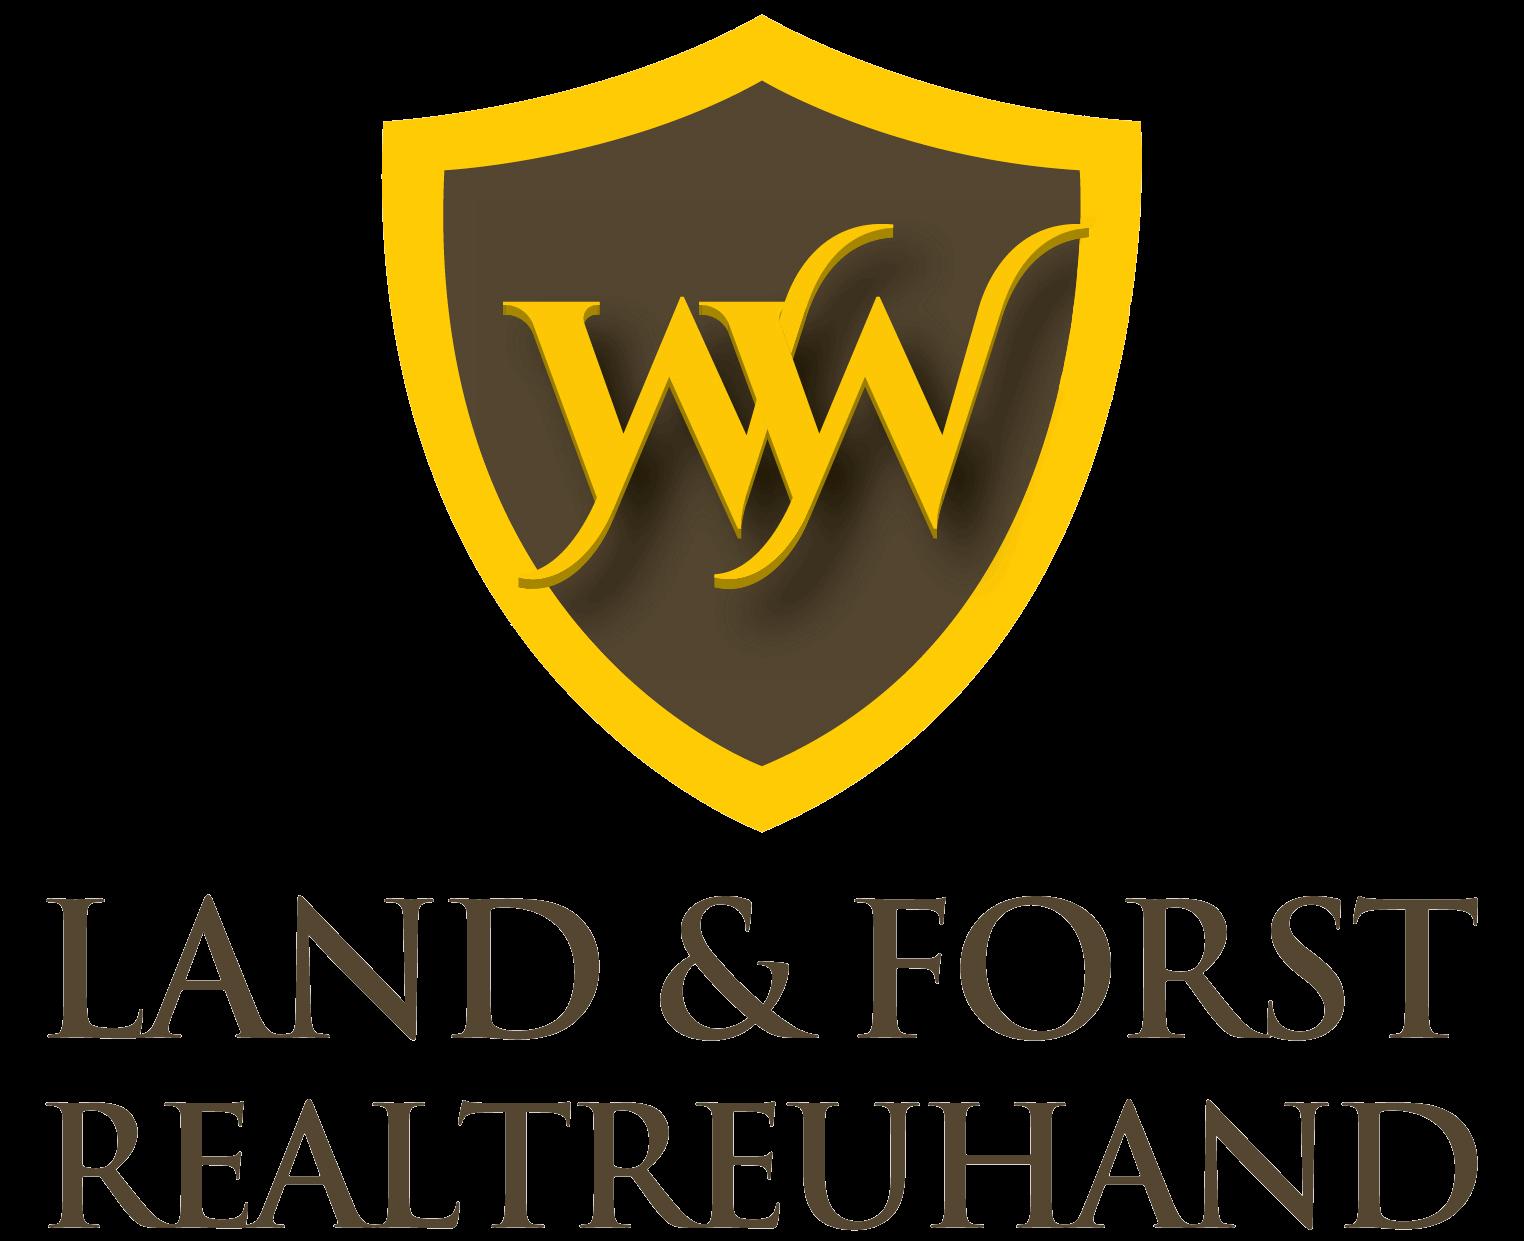 Land & Forst Realtreuhand Wöß GmbH | aus Stroheim in Oberösterreich | Land & Forst Realtreuhand Wöß GmbH - Immobilienmakler für Liegenschaften, Land- & forstwirtschaftliche Flächen, Sacherl, Häuser, Eigenjagden, Projektentwicklungen